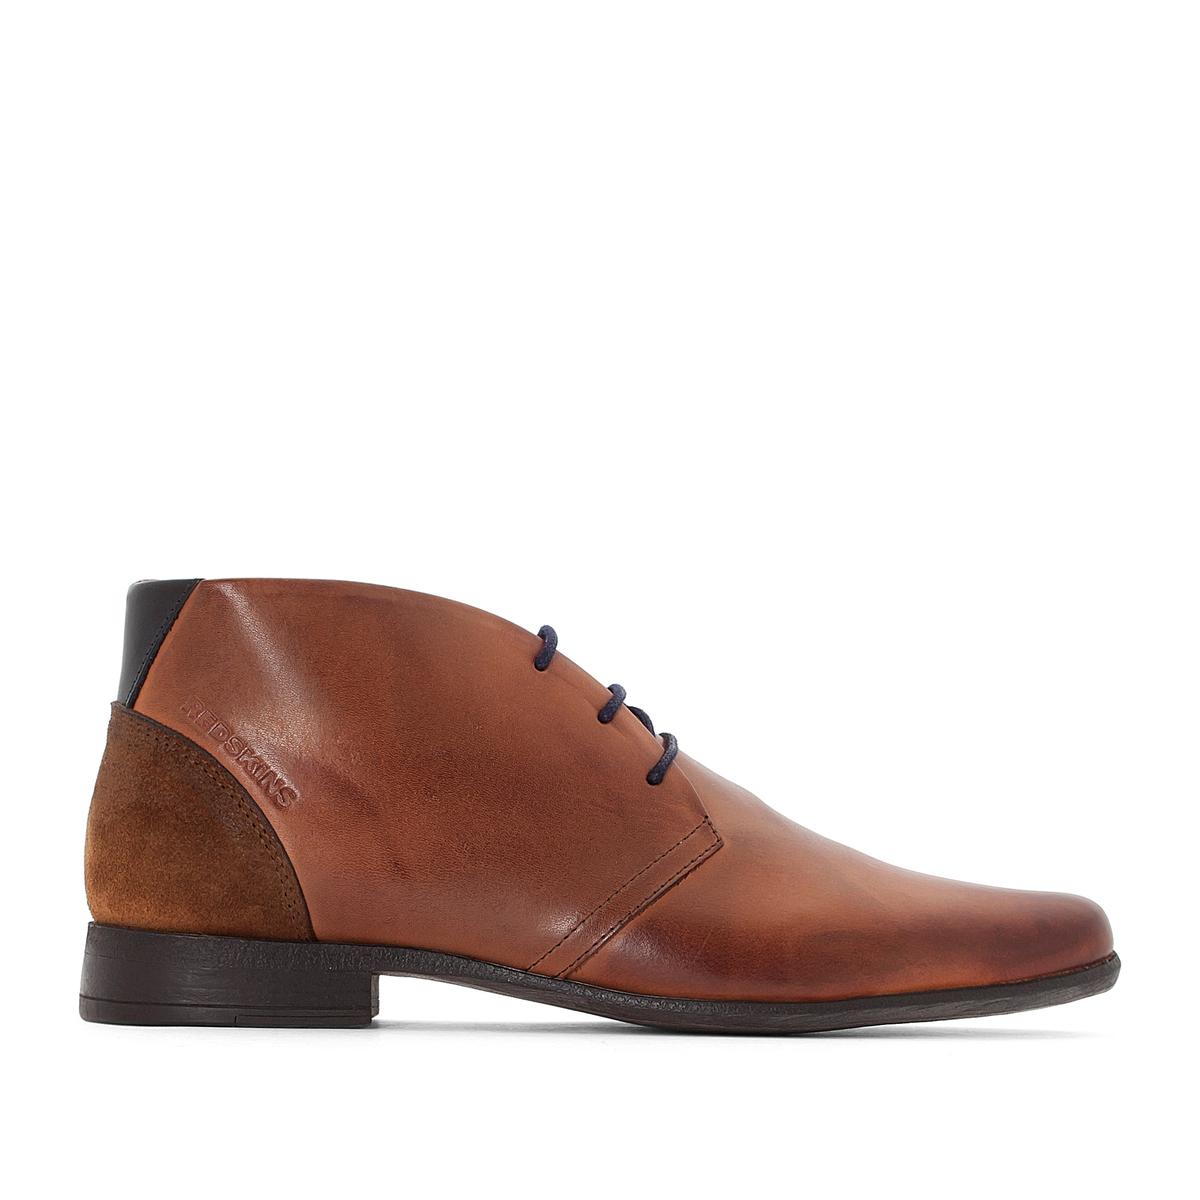 Ботинки-дерби высокие из кожи JOLIO